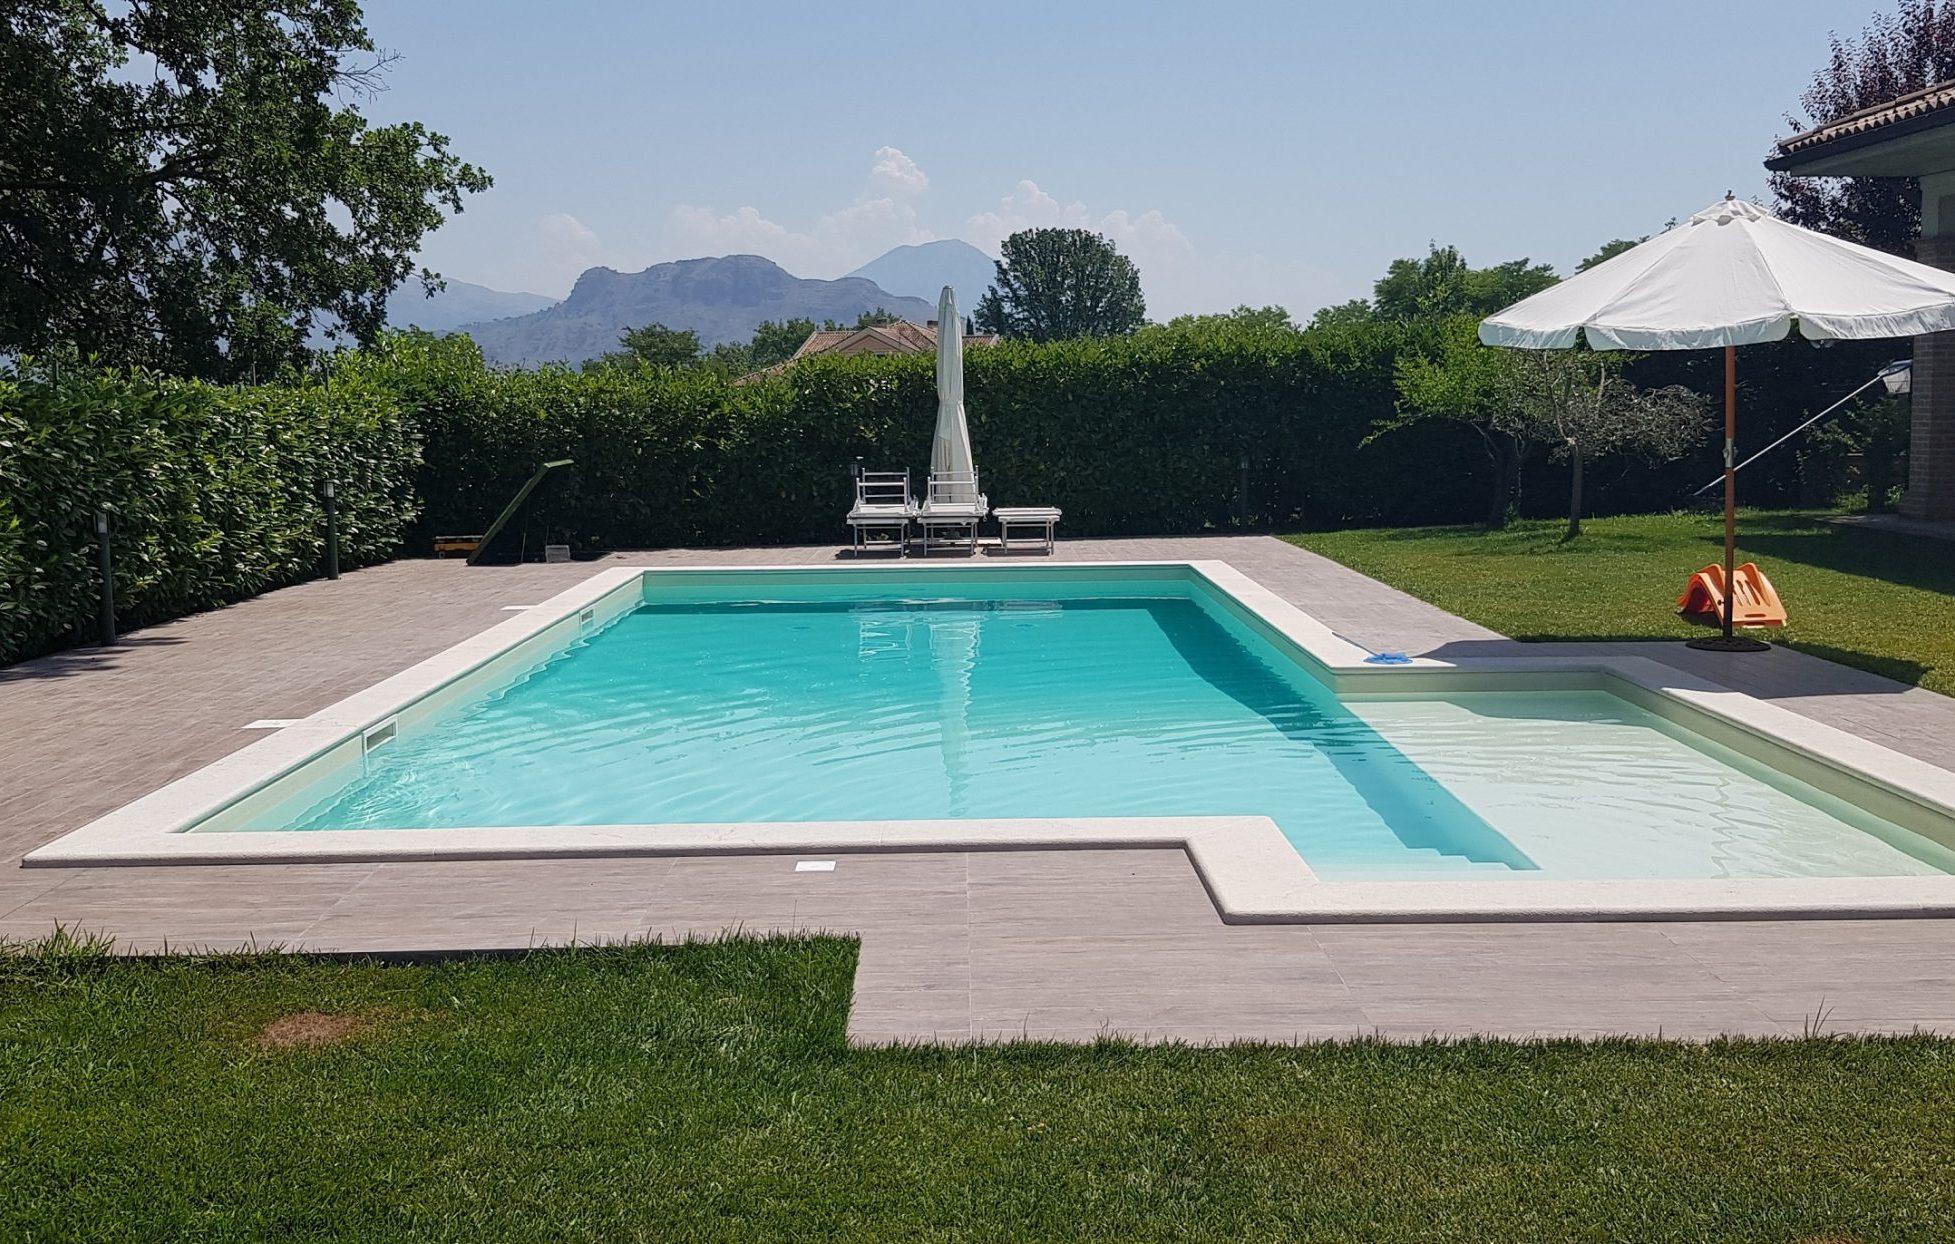 Non è complicato costruire una piscina; basta seguire alcune formalità